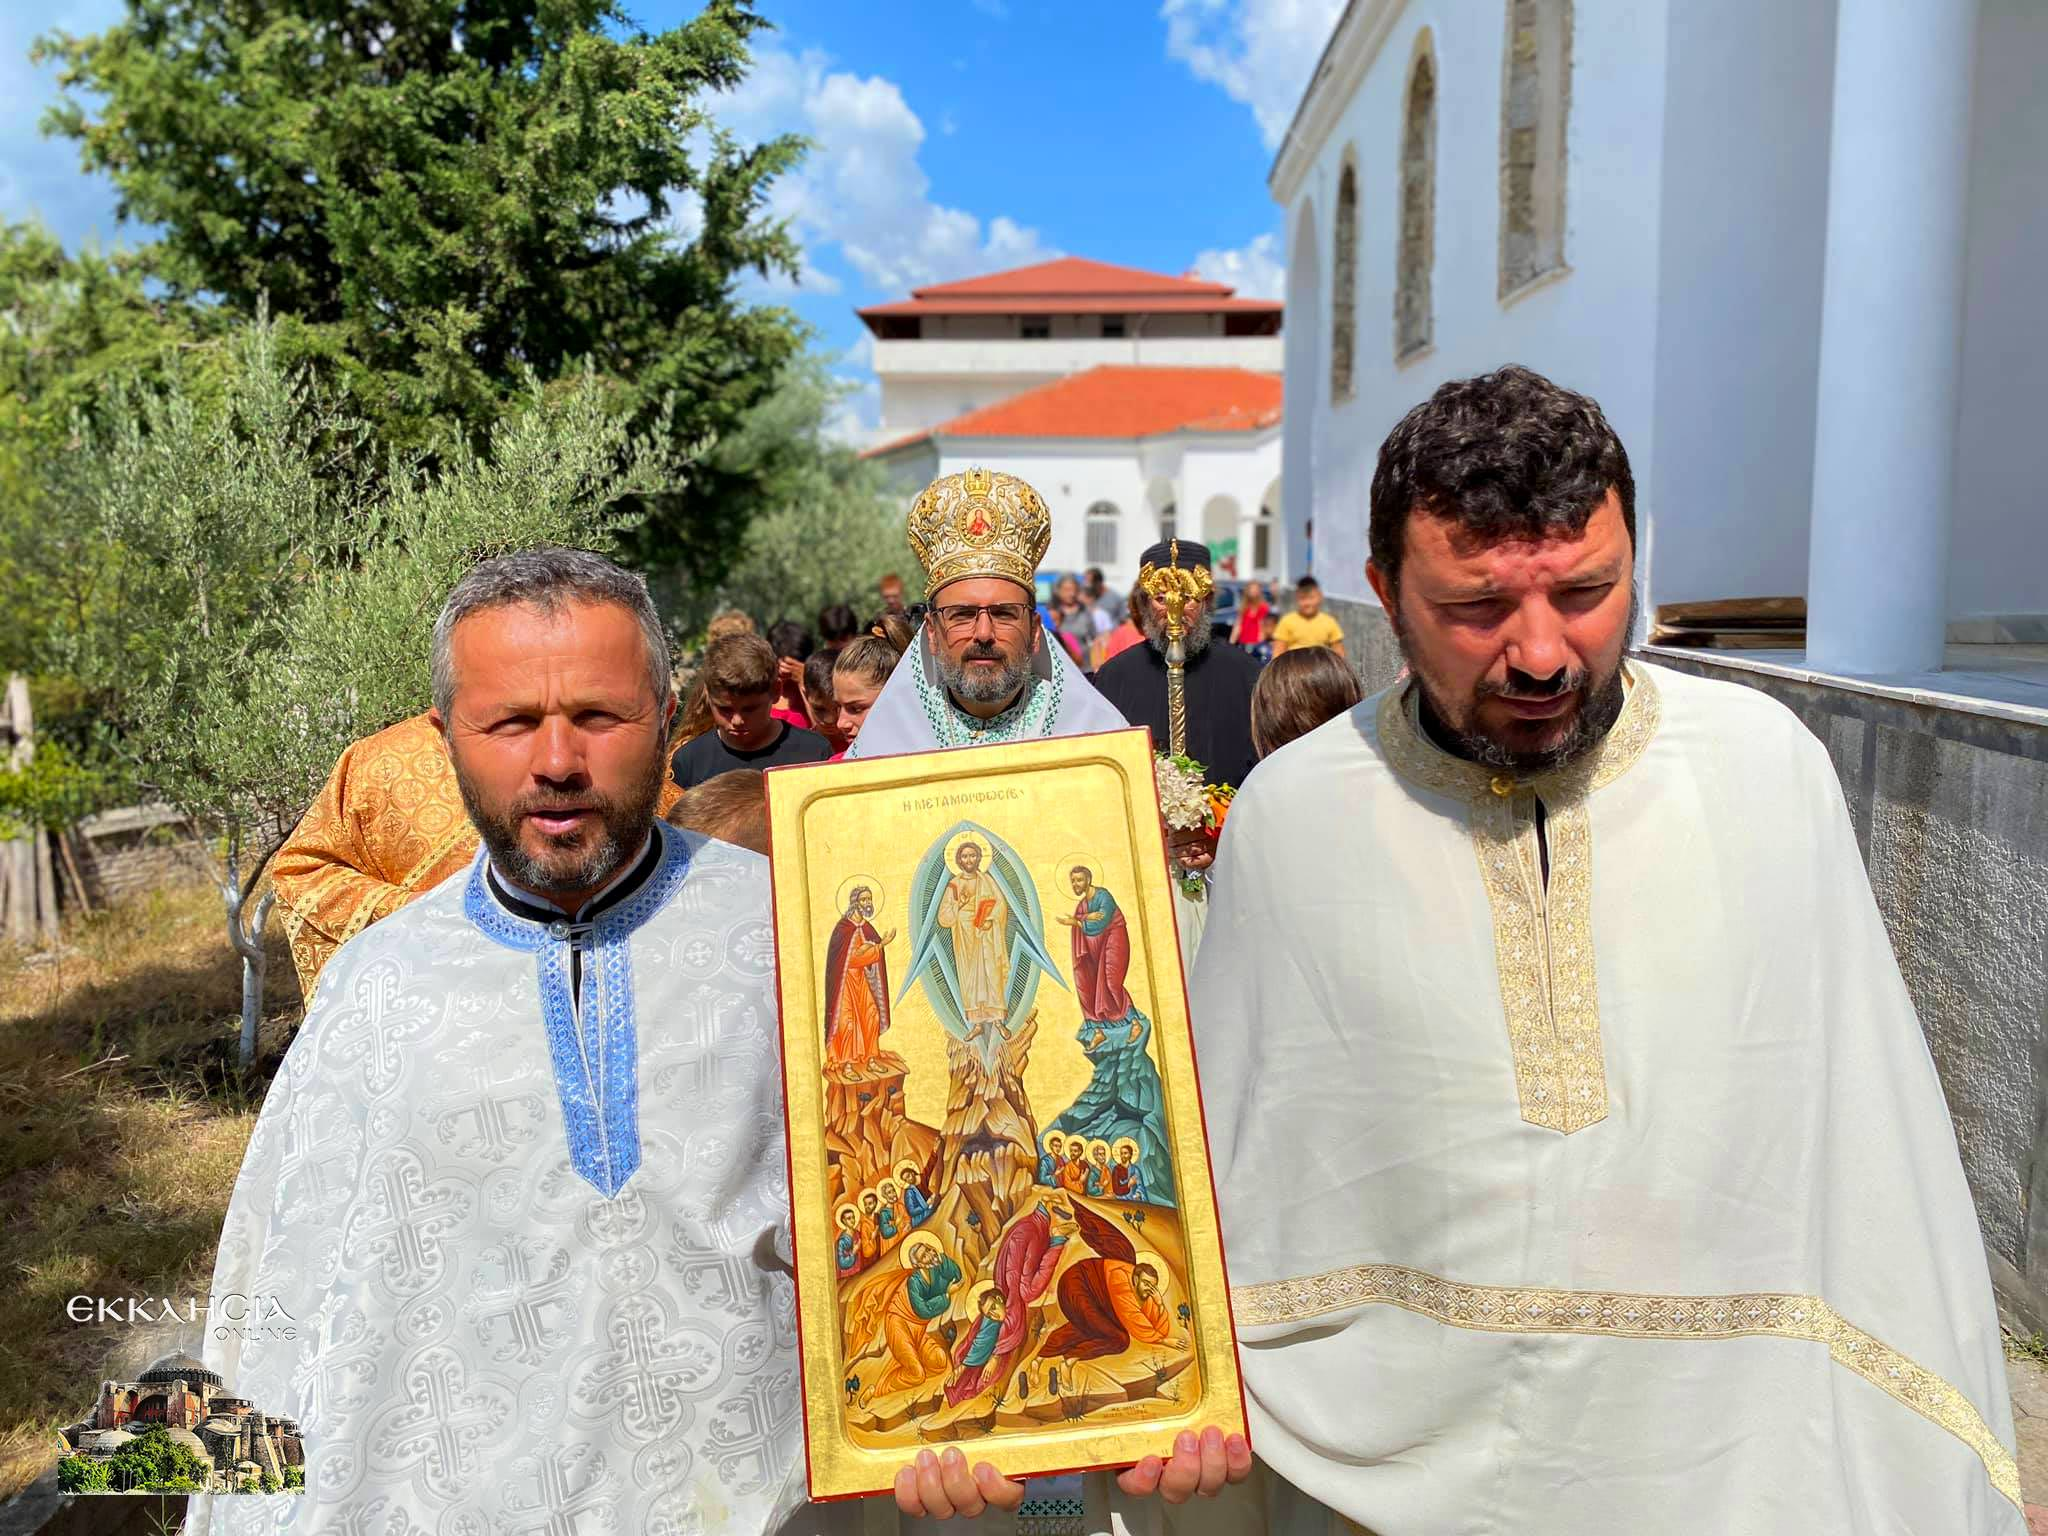 Λαμπρός εορτασμός της Μεταμόρφωσης του Σωτήρος στην Εκκλησία της Αλβανίας Λιτανεία